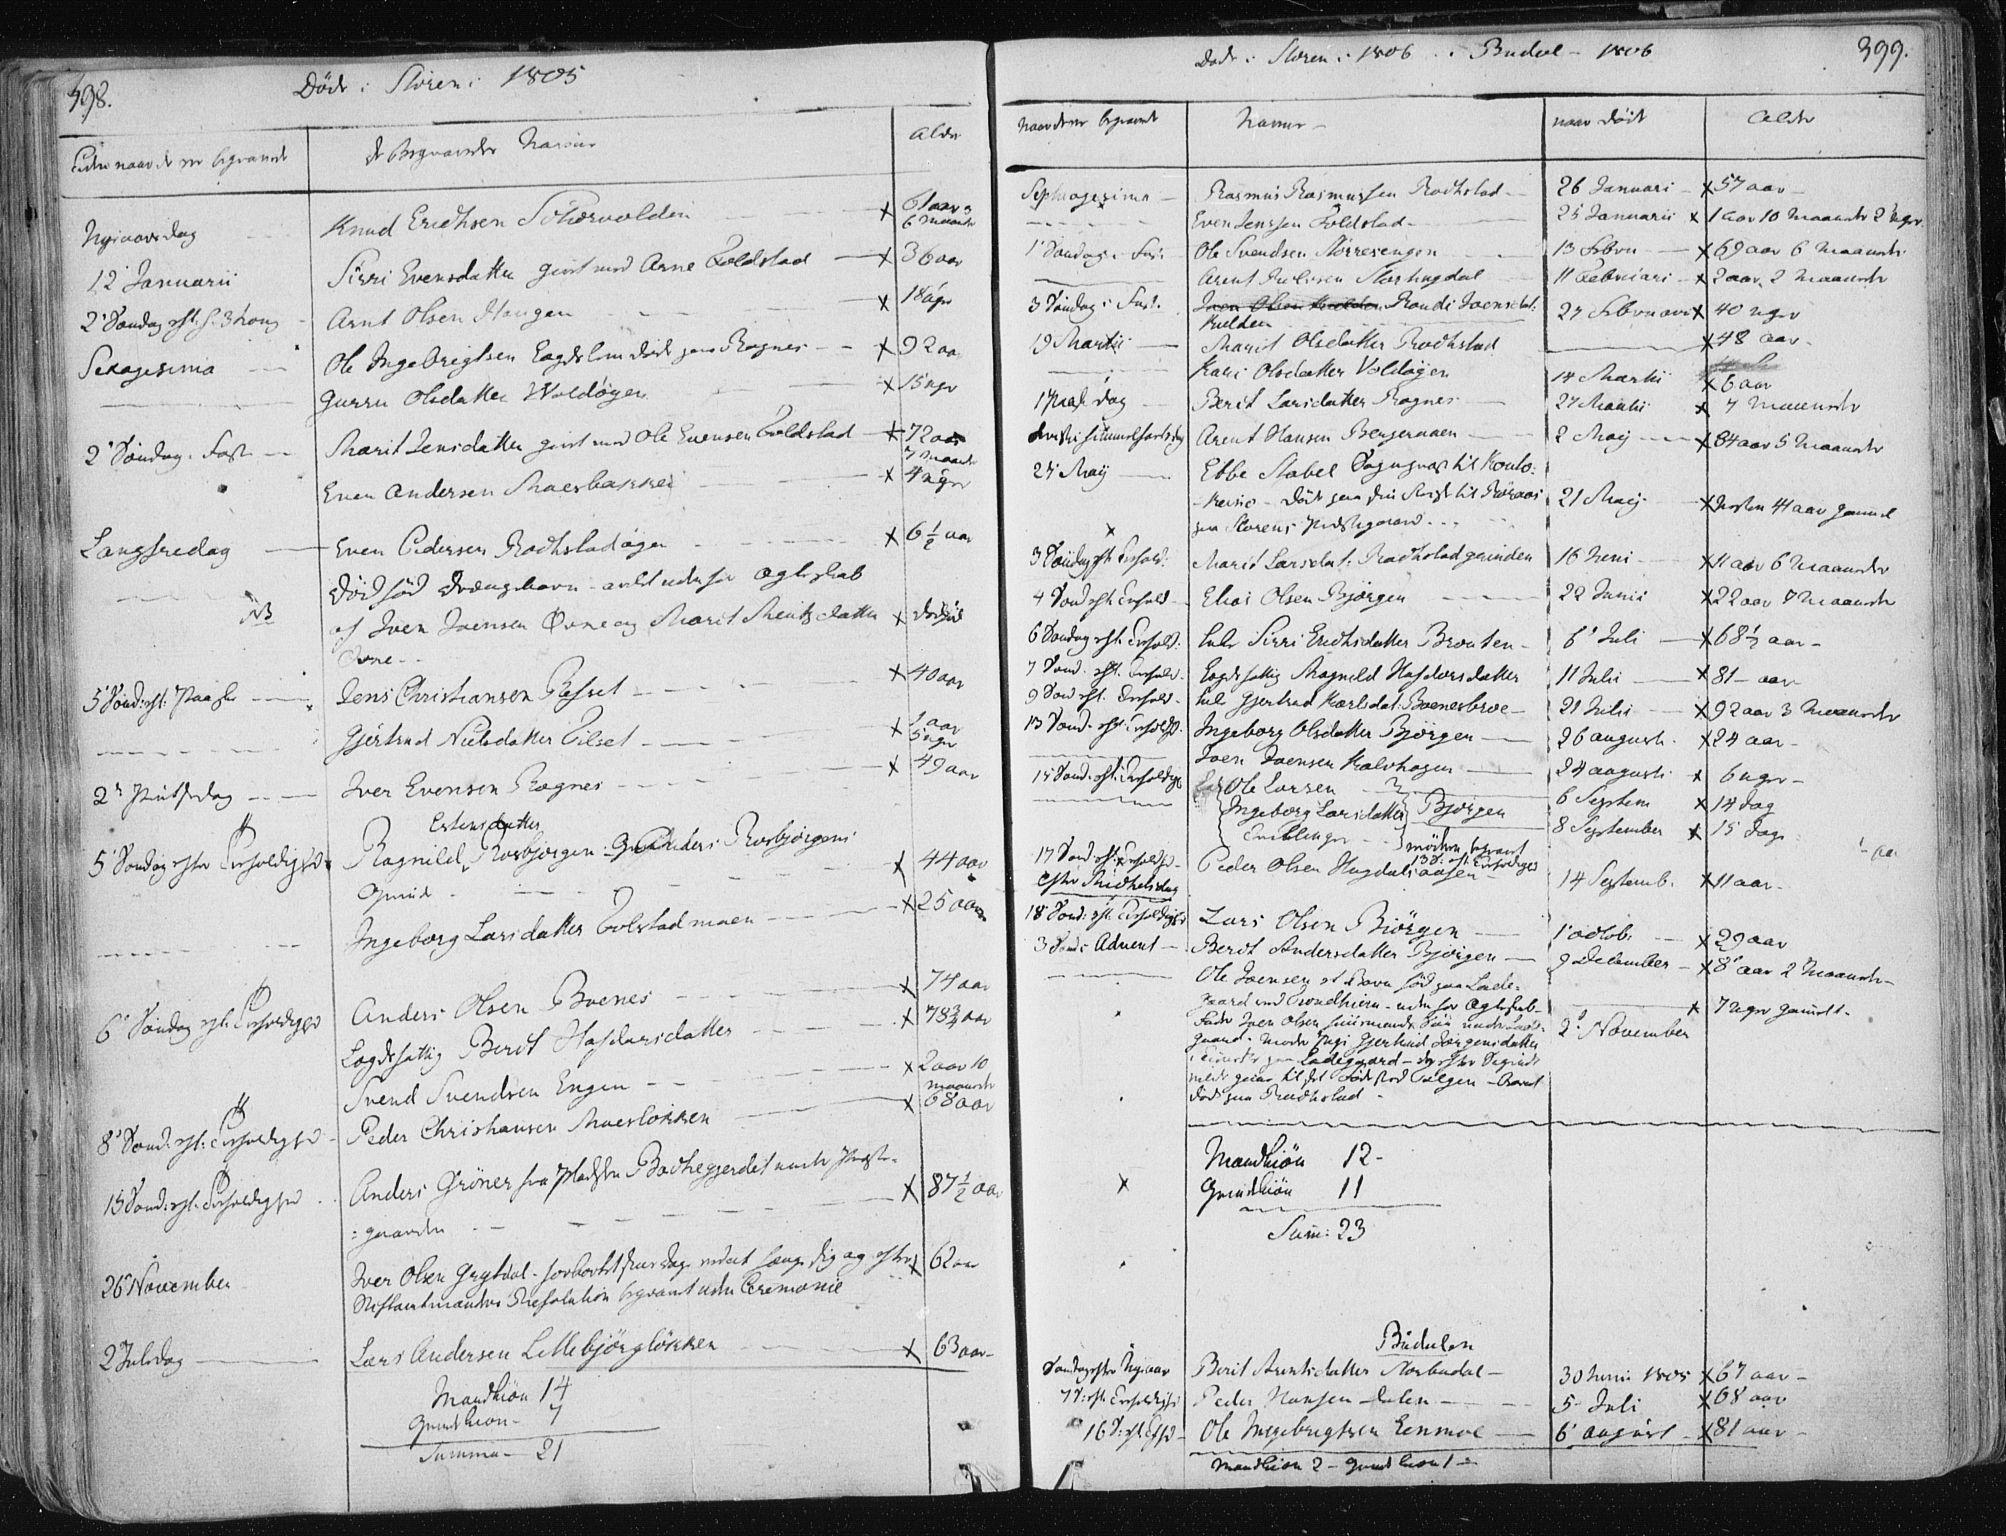 SAT, Ministerialprotokoller, klokkerbøker og fødselsregistre - Sør-Trøndelag, 687/L0992: Ministerialbok nr. 687A03 /1, 1788-1815, s. 398-399